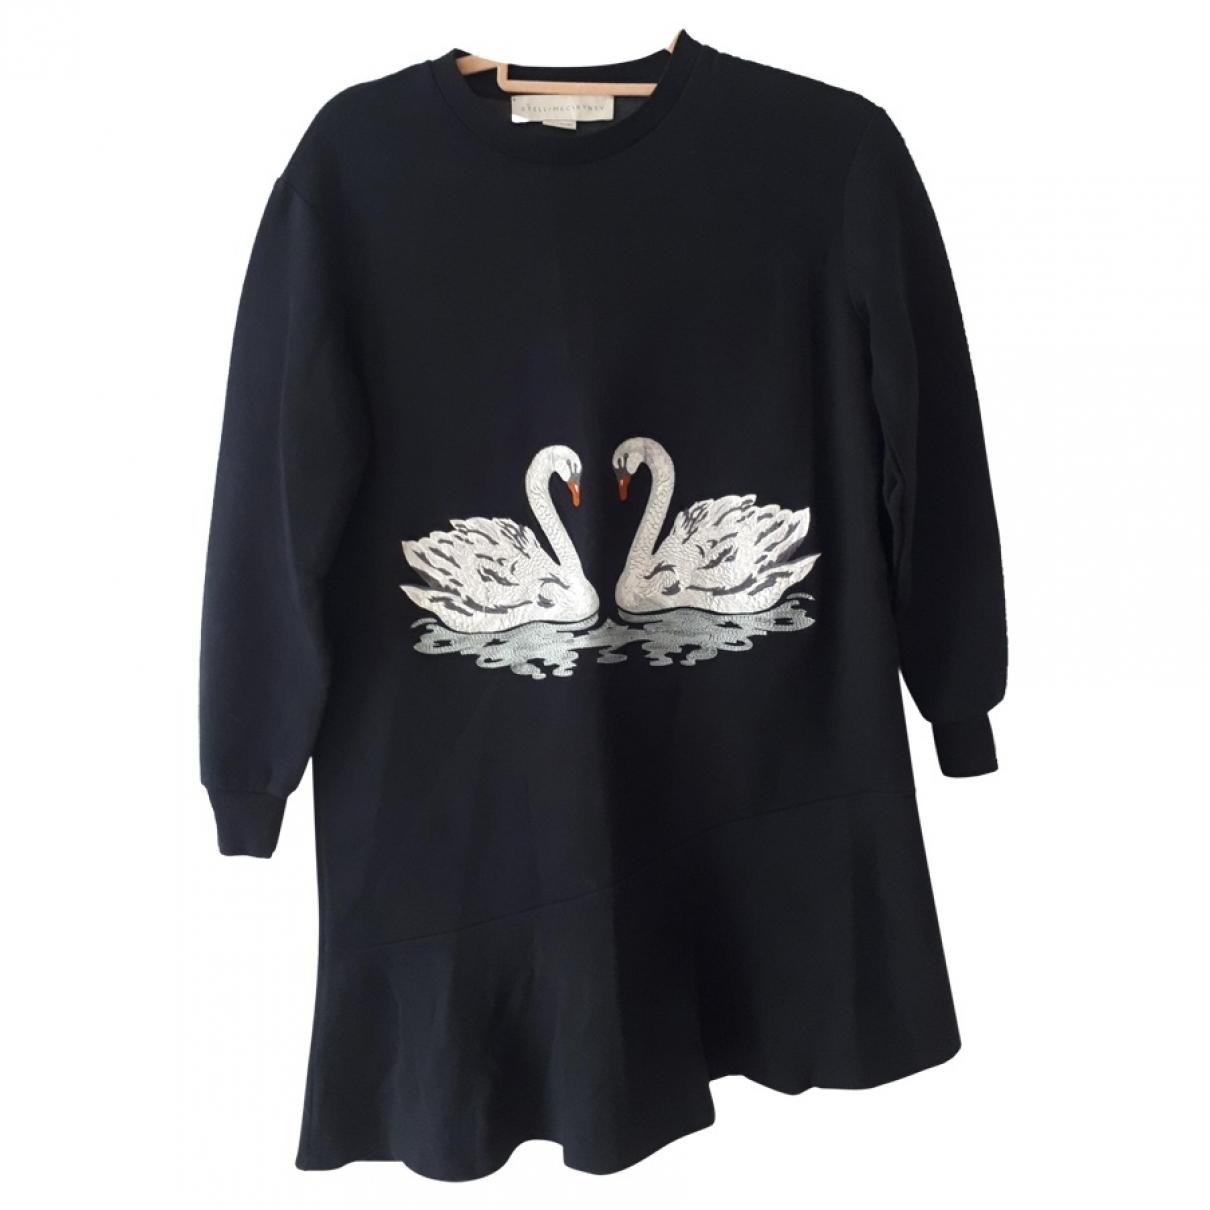 Stella Mccartney \N Navy Cotton dress for Women 36 IT